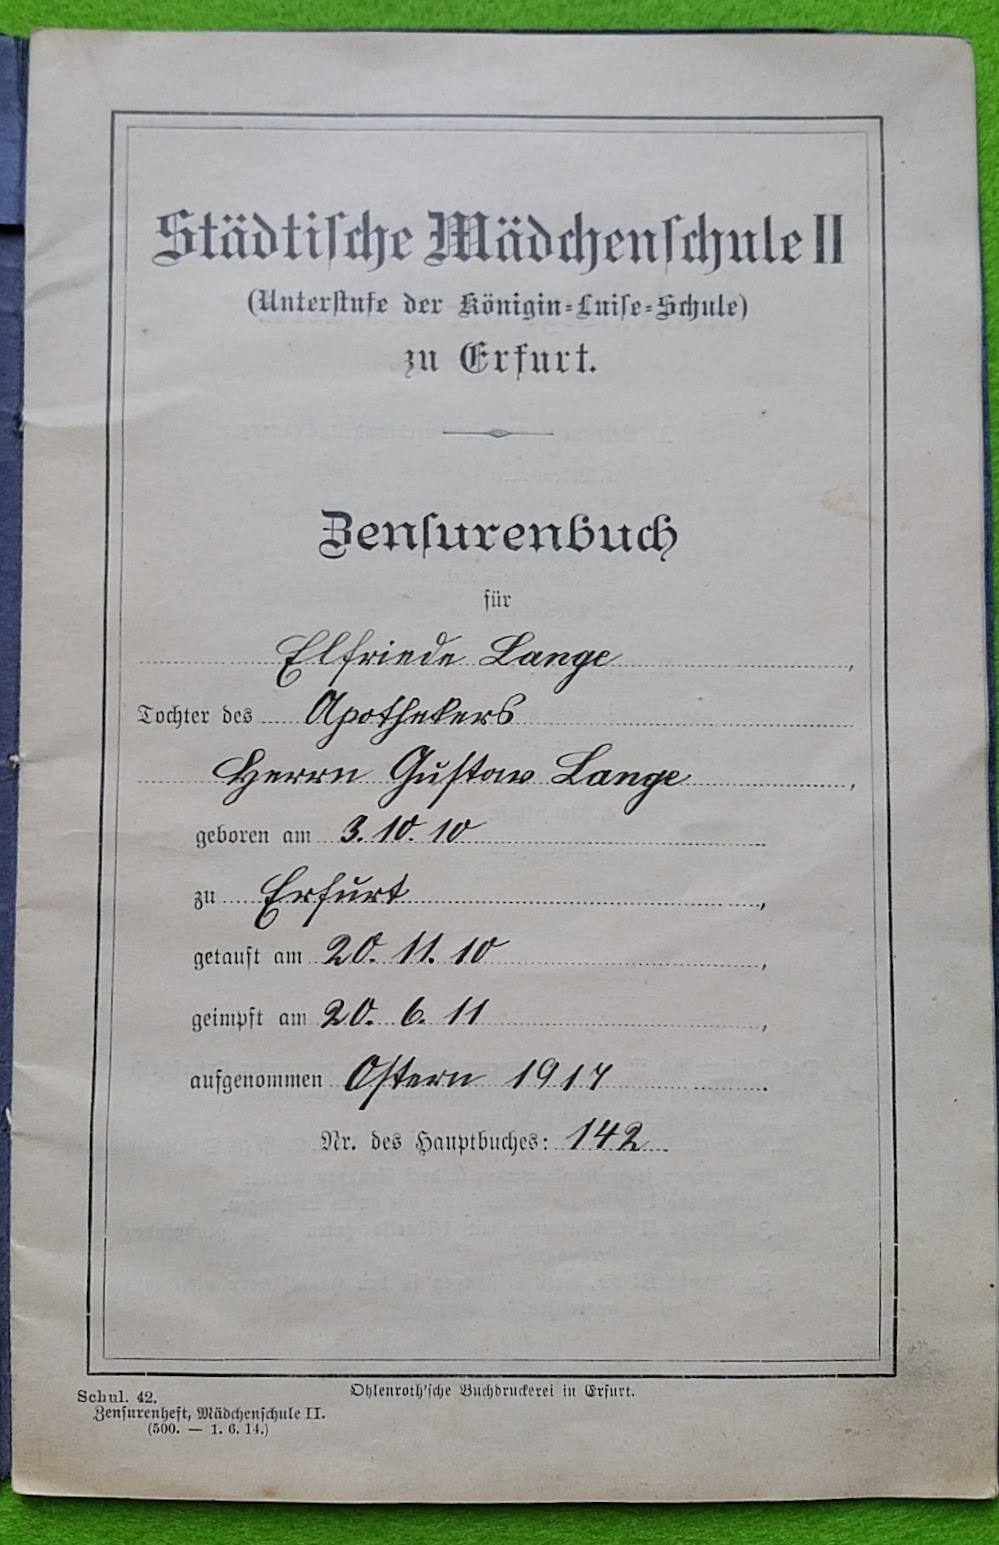 Zeugnis - Zensurenbuch Elfriede Lange 1917 bis 1923